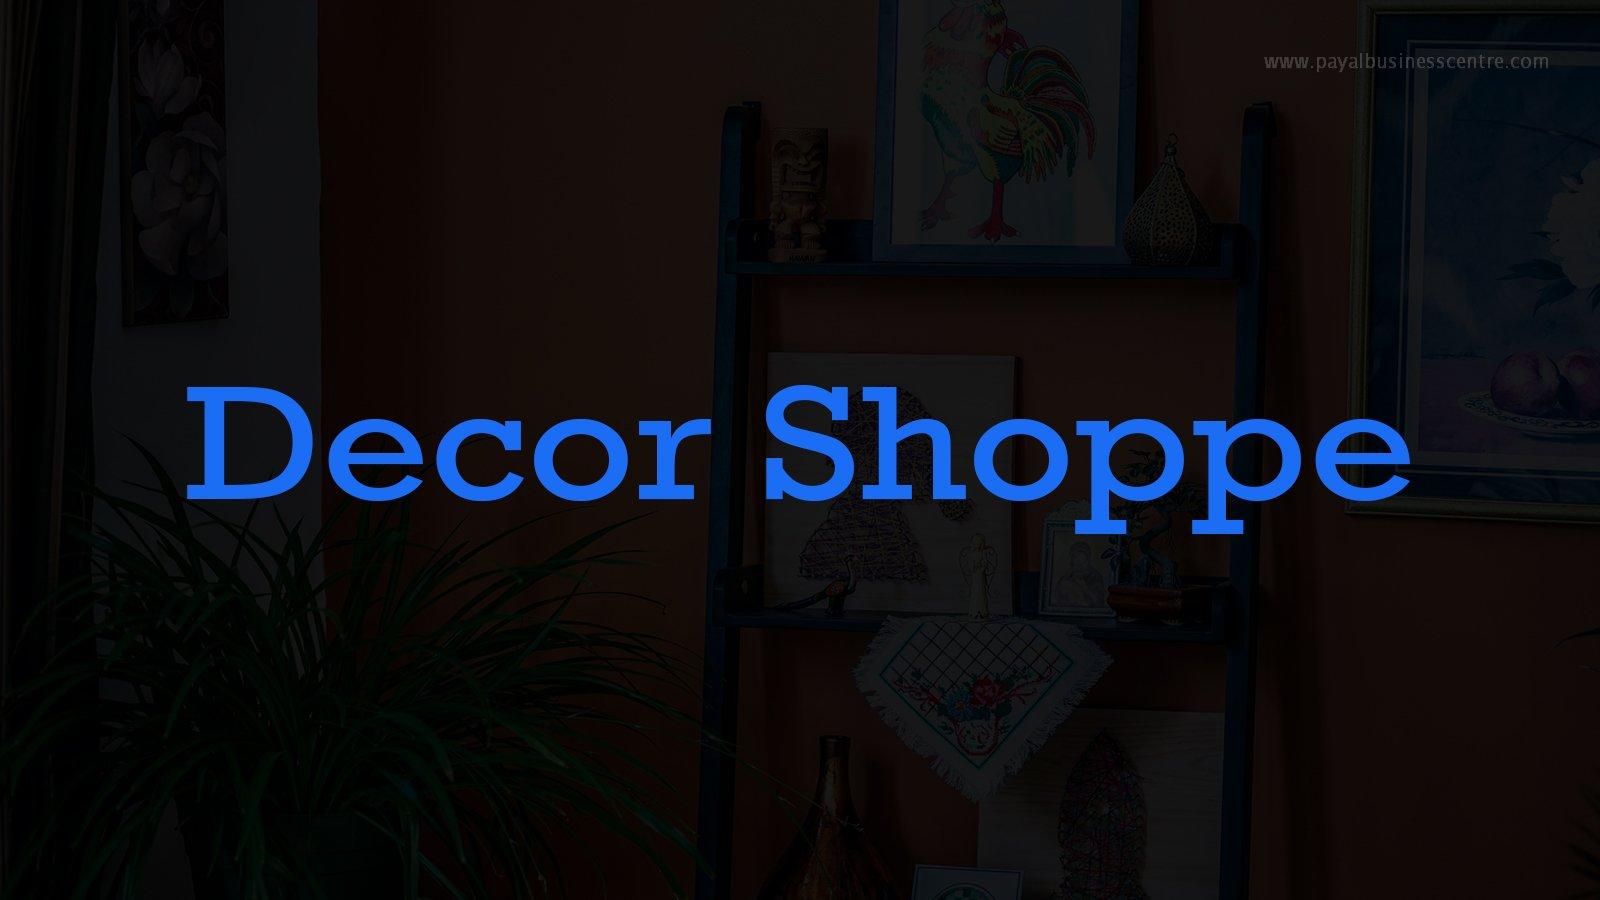 Decor Shoppe